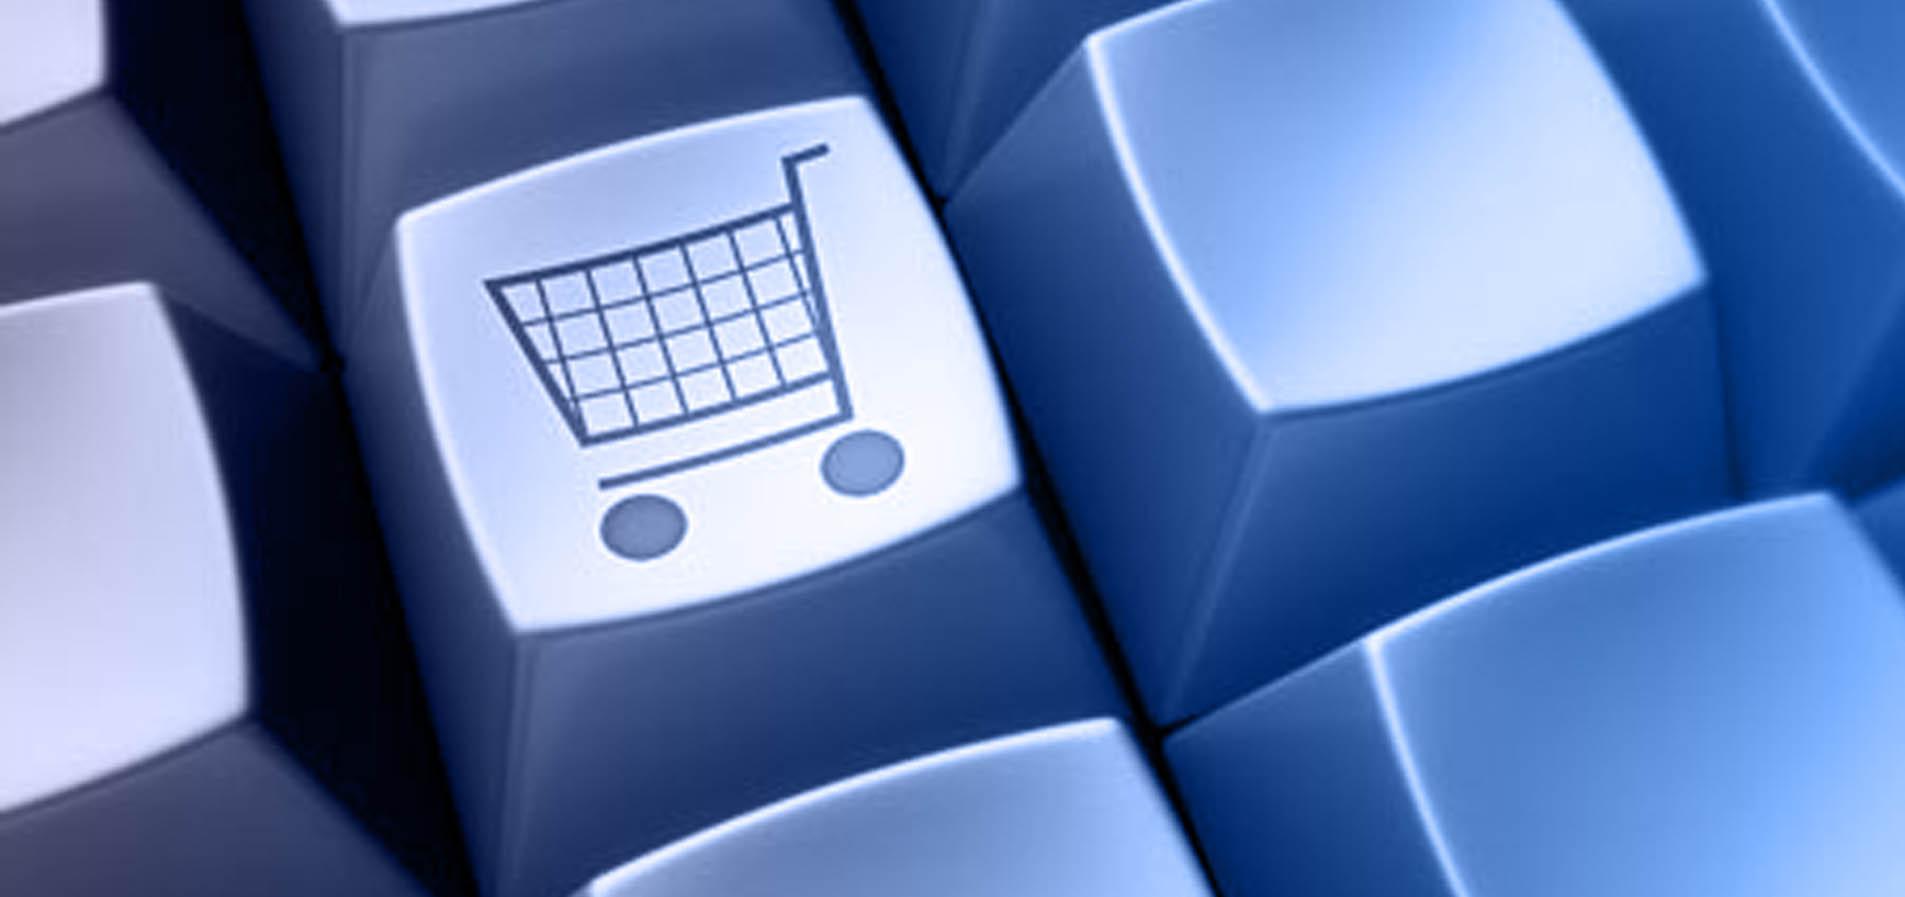 Monter son entreprise e-commerce : par où commencer ?